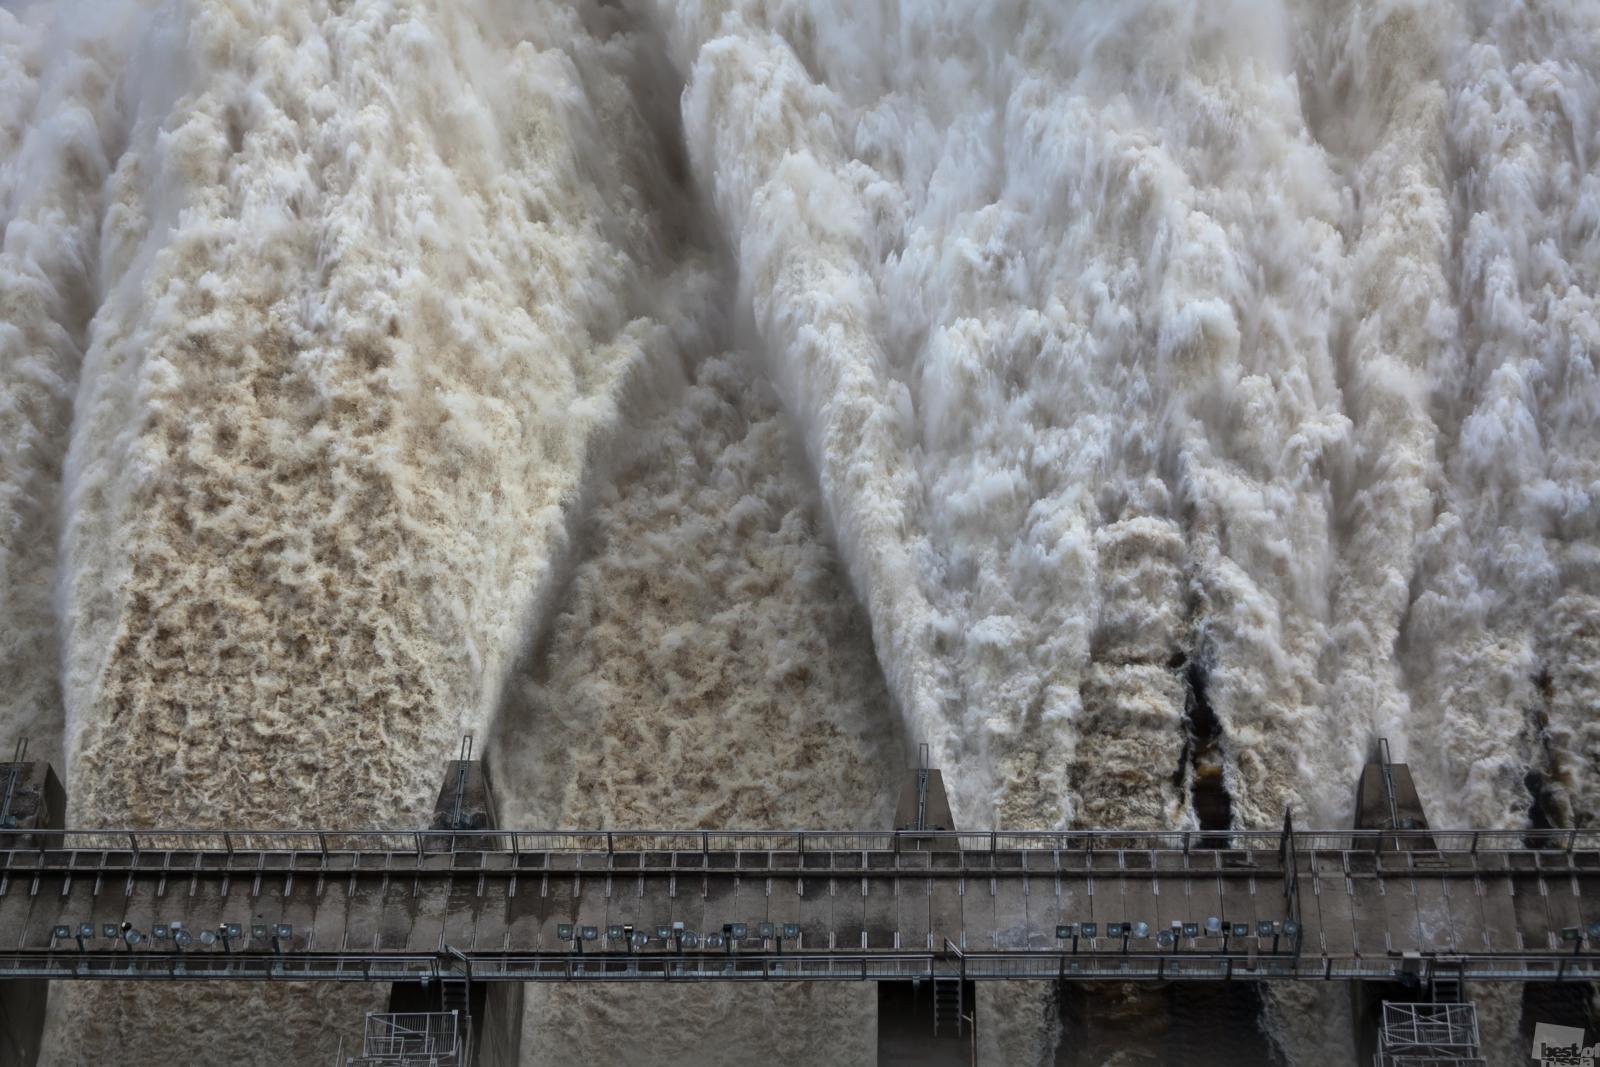 ロシア最大の写真コンテスト、2013年ベスト・オブ・ロシアの最終選考作品を引き続きご紹介する。今日お届けするのは「自然」部門の応募作からだ。// アムール州の洪水の際に放水されるゼイスカヤ水力発電所の貯水。